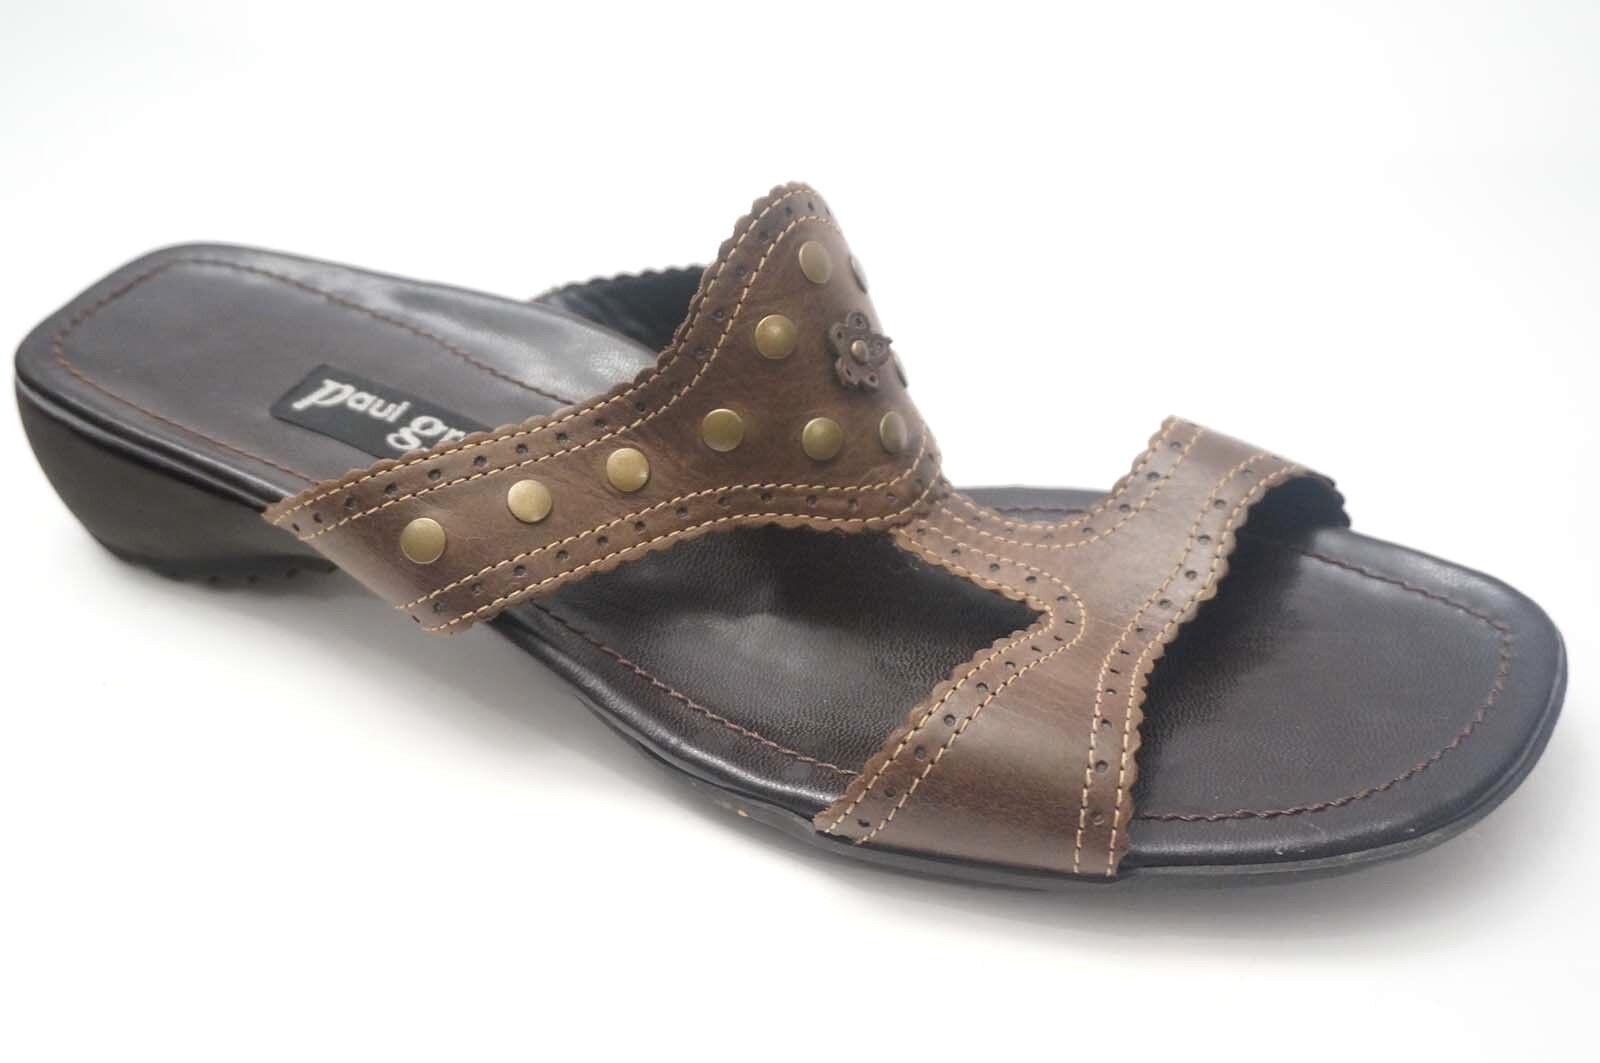 Paul vert Chaussures Chaussures Chaussures Cuir Mules Taille 42 (UK 8) Marron Bronze nature 627c70